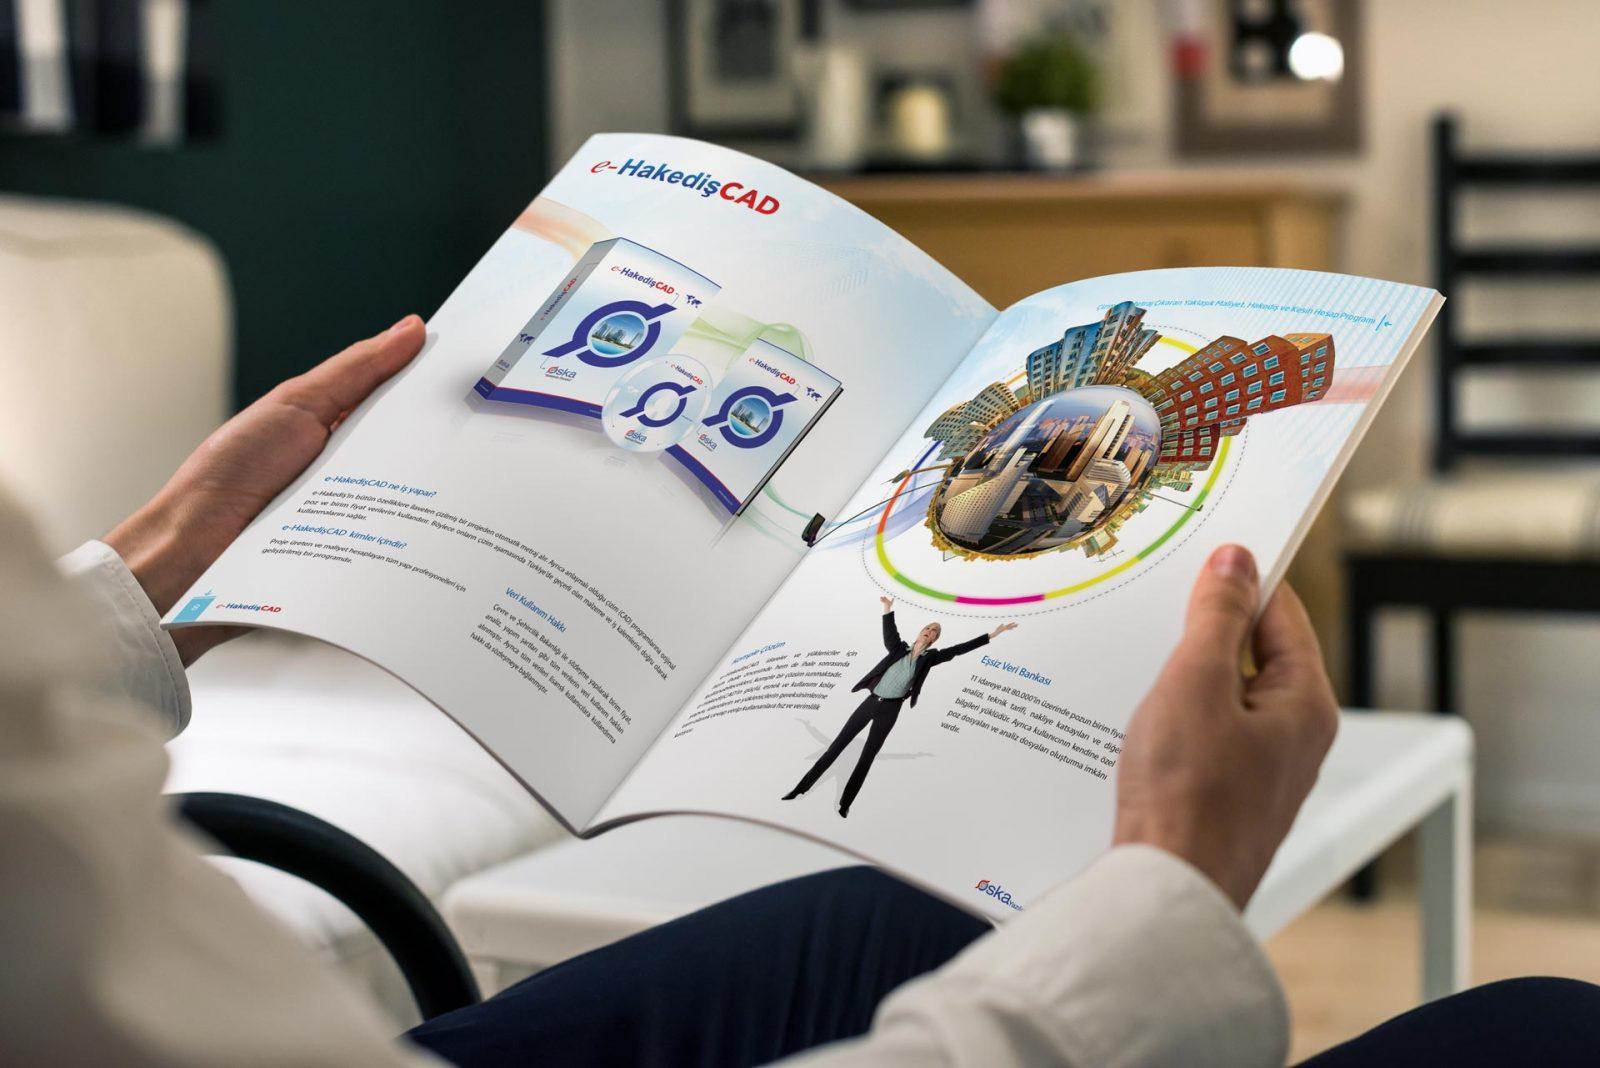 e-hakedis katalog tasarımı 05